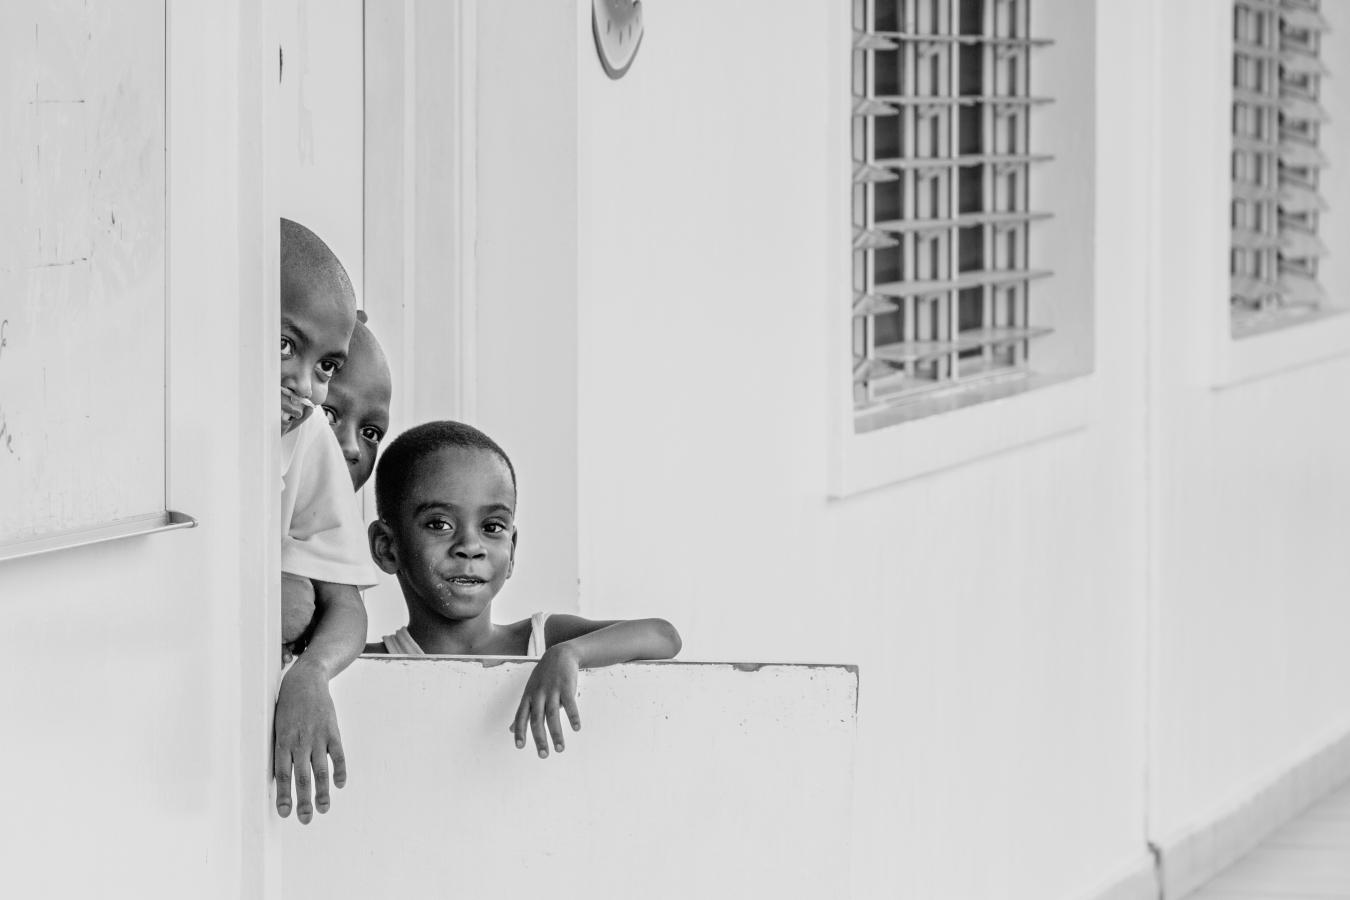 Port-au-Prince, Haiti, June 2011